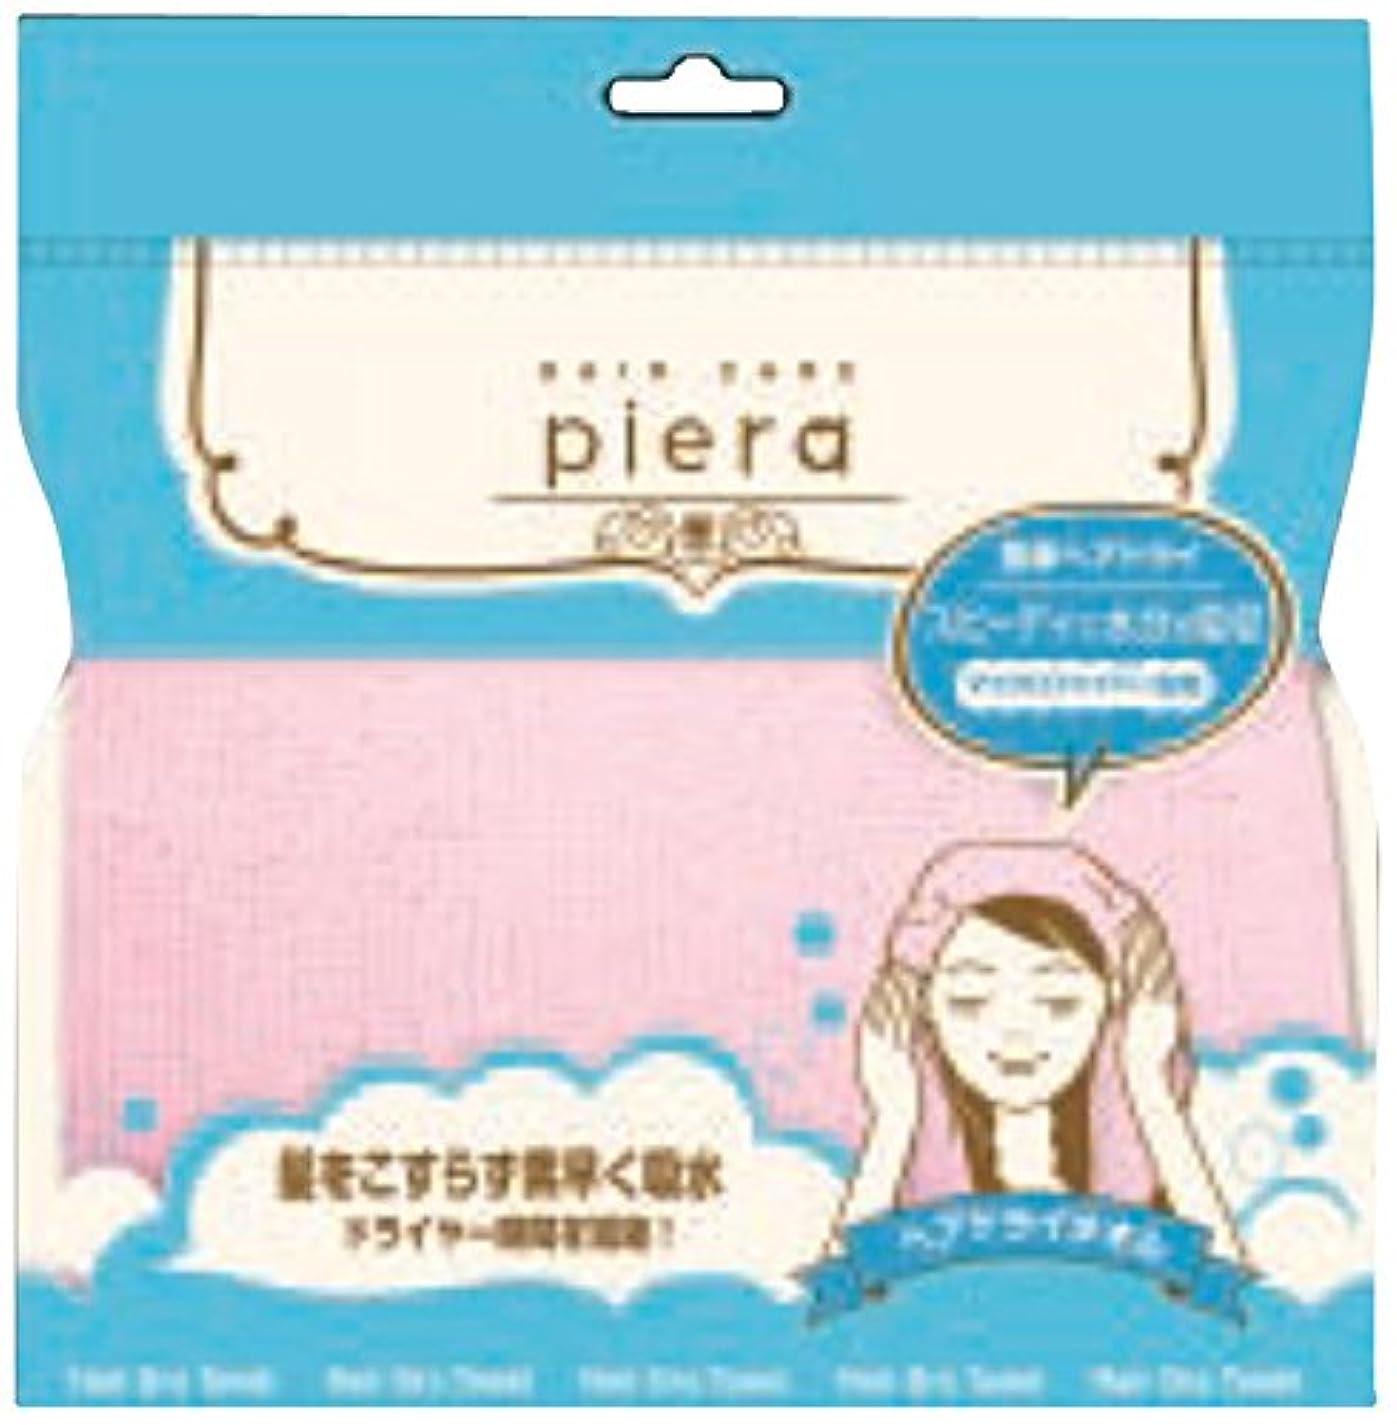 アリ除去豆腐piera(ピエラ) ヘアドライタオル (PIE701E)